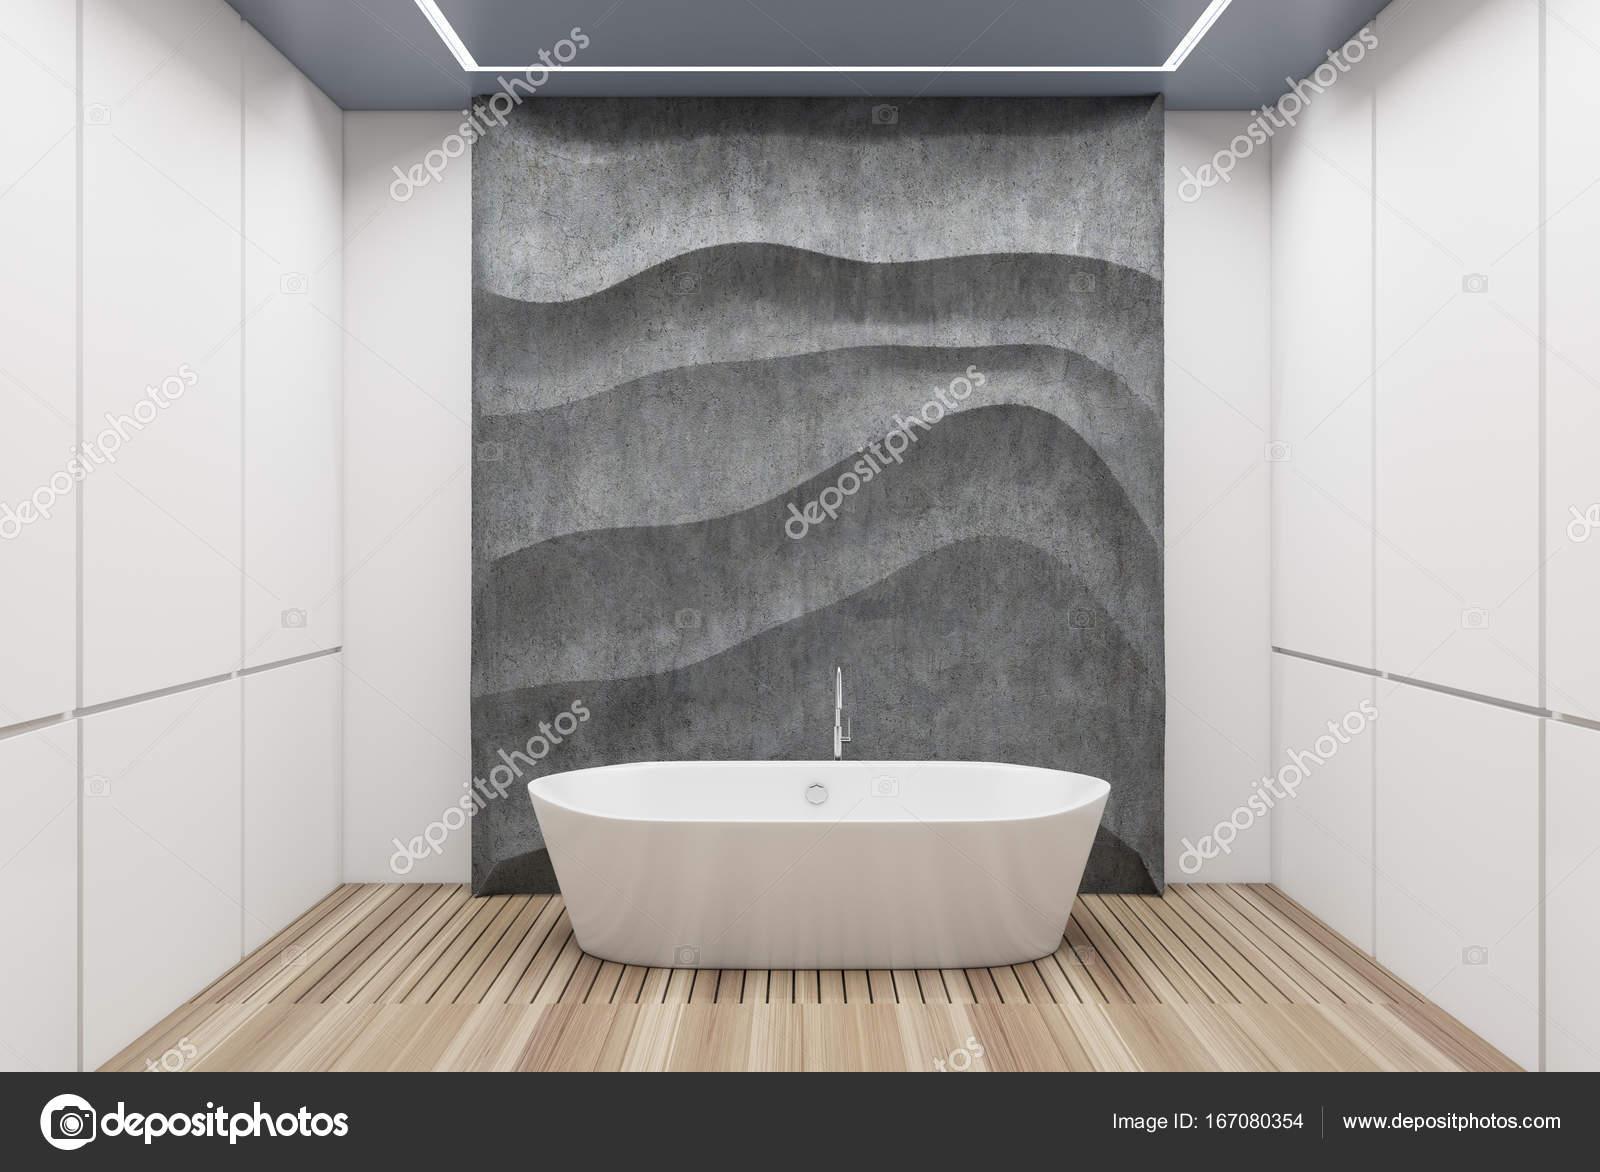 Vasca Da Bagno Con Pannelli : Vasca da bagno bianco e cemento bianco u2014 foto stock